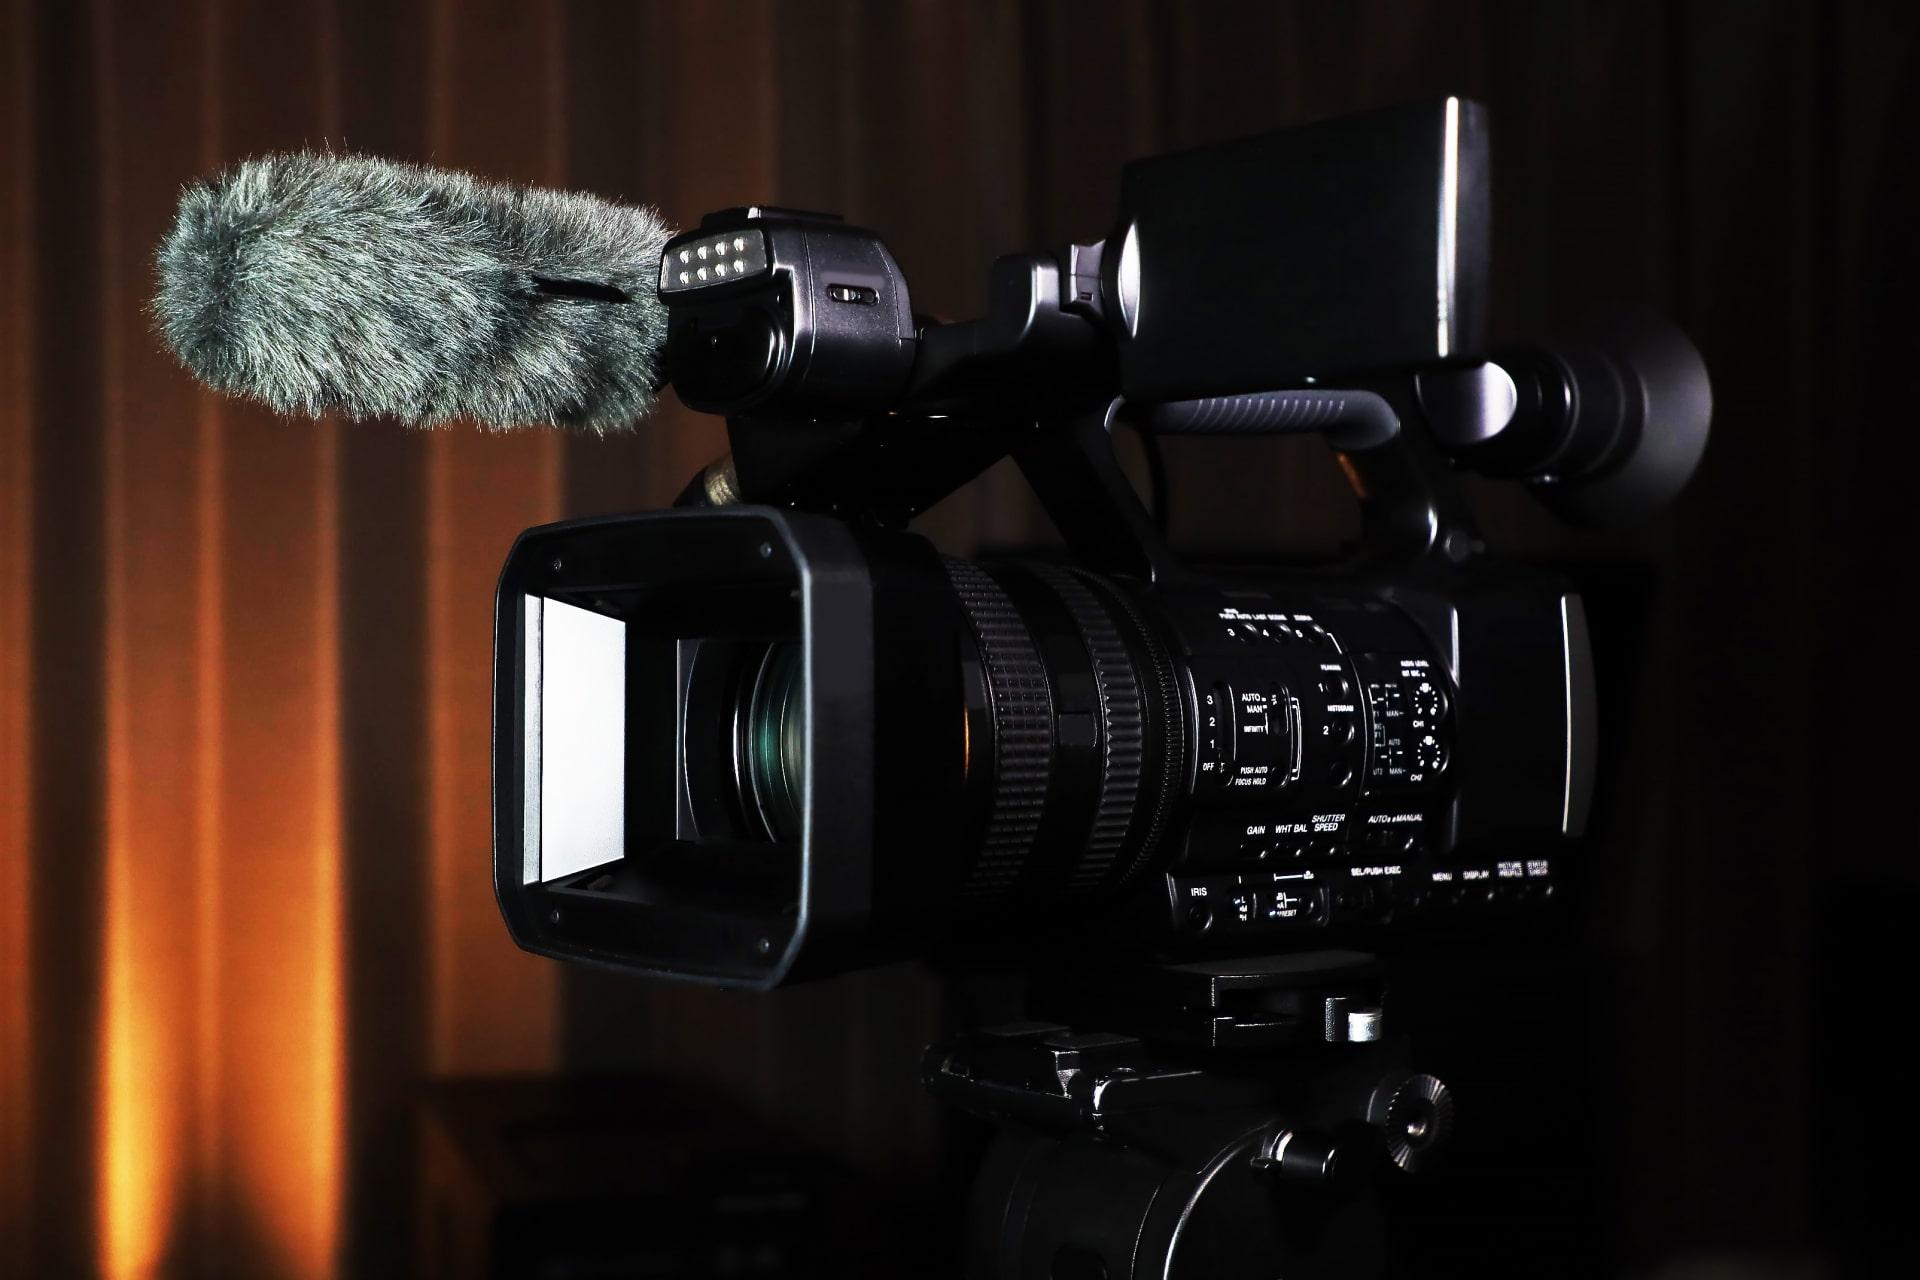 今後も広がっていくと思われる映像の活用方法